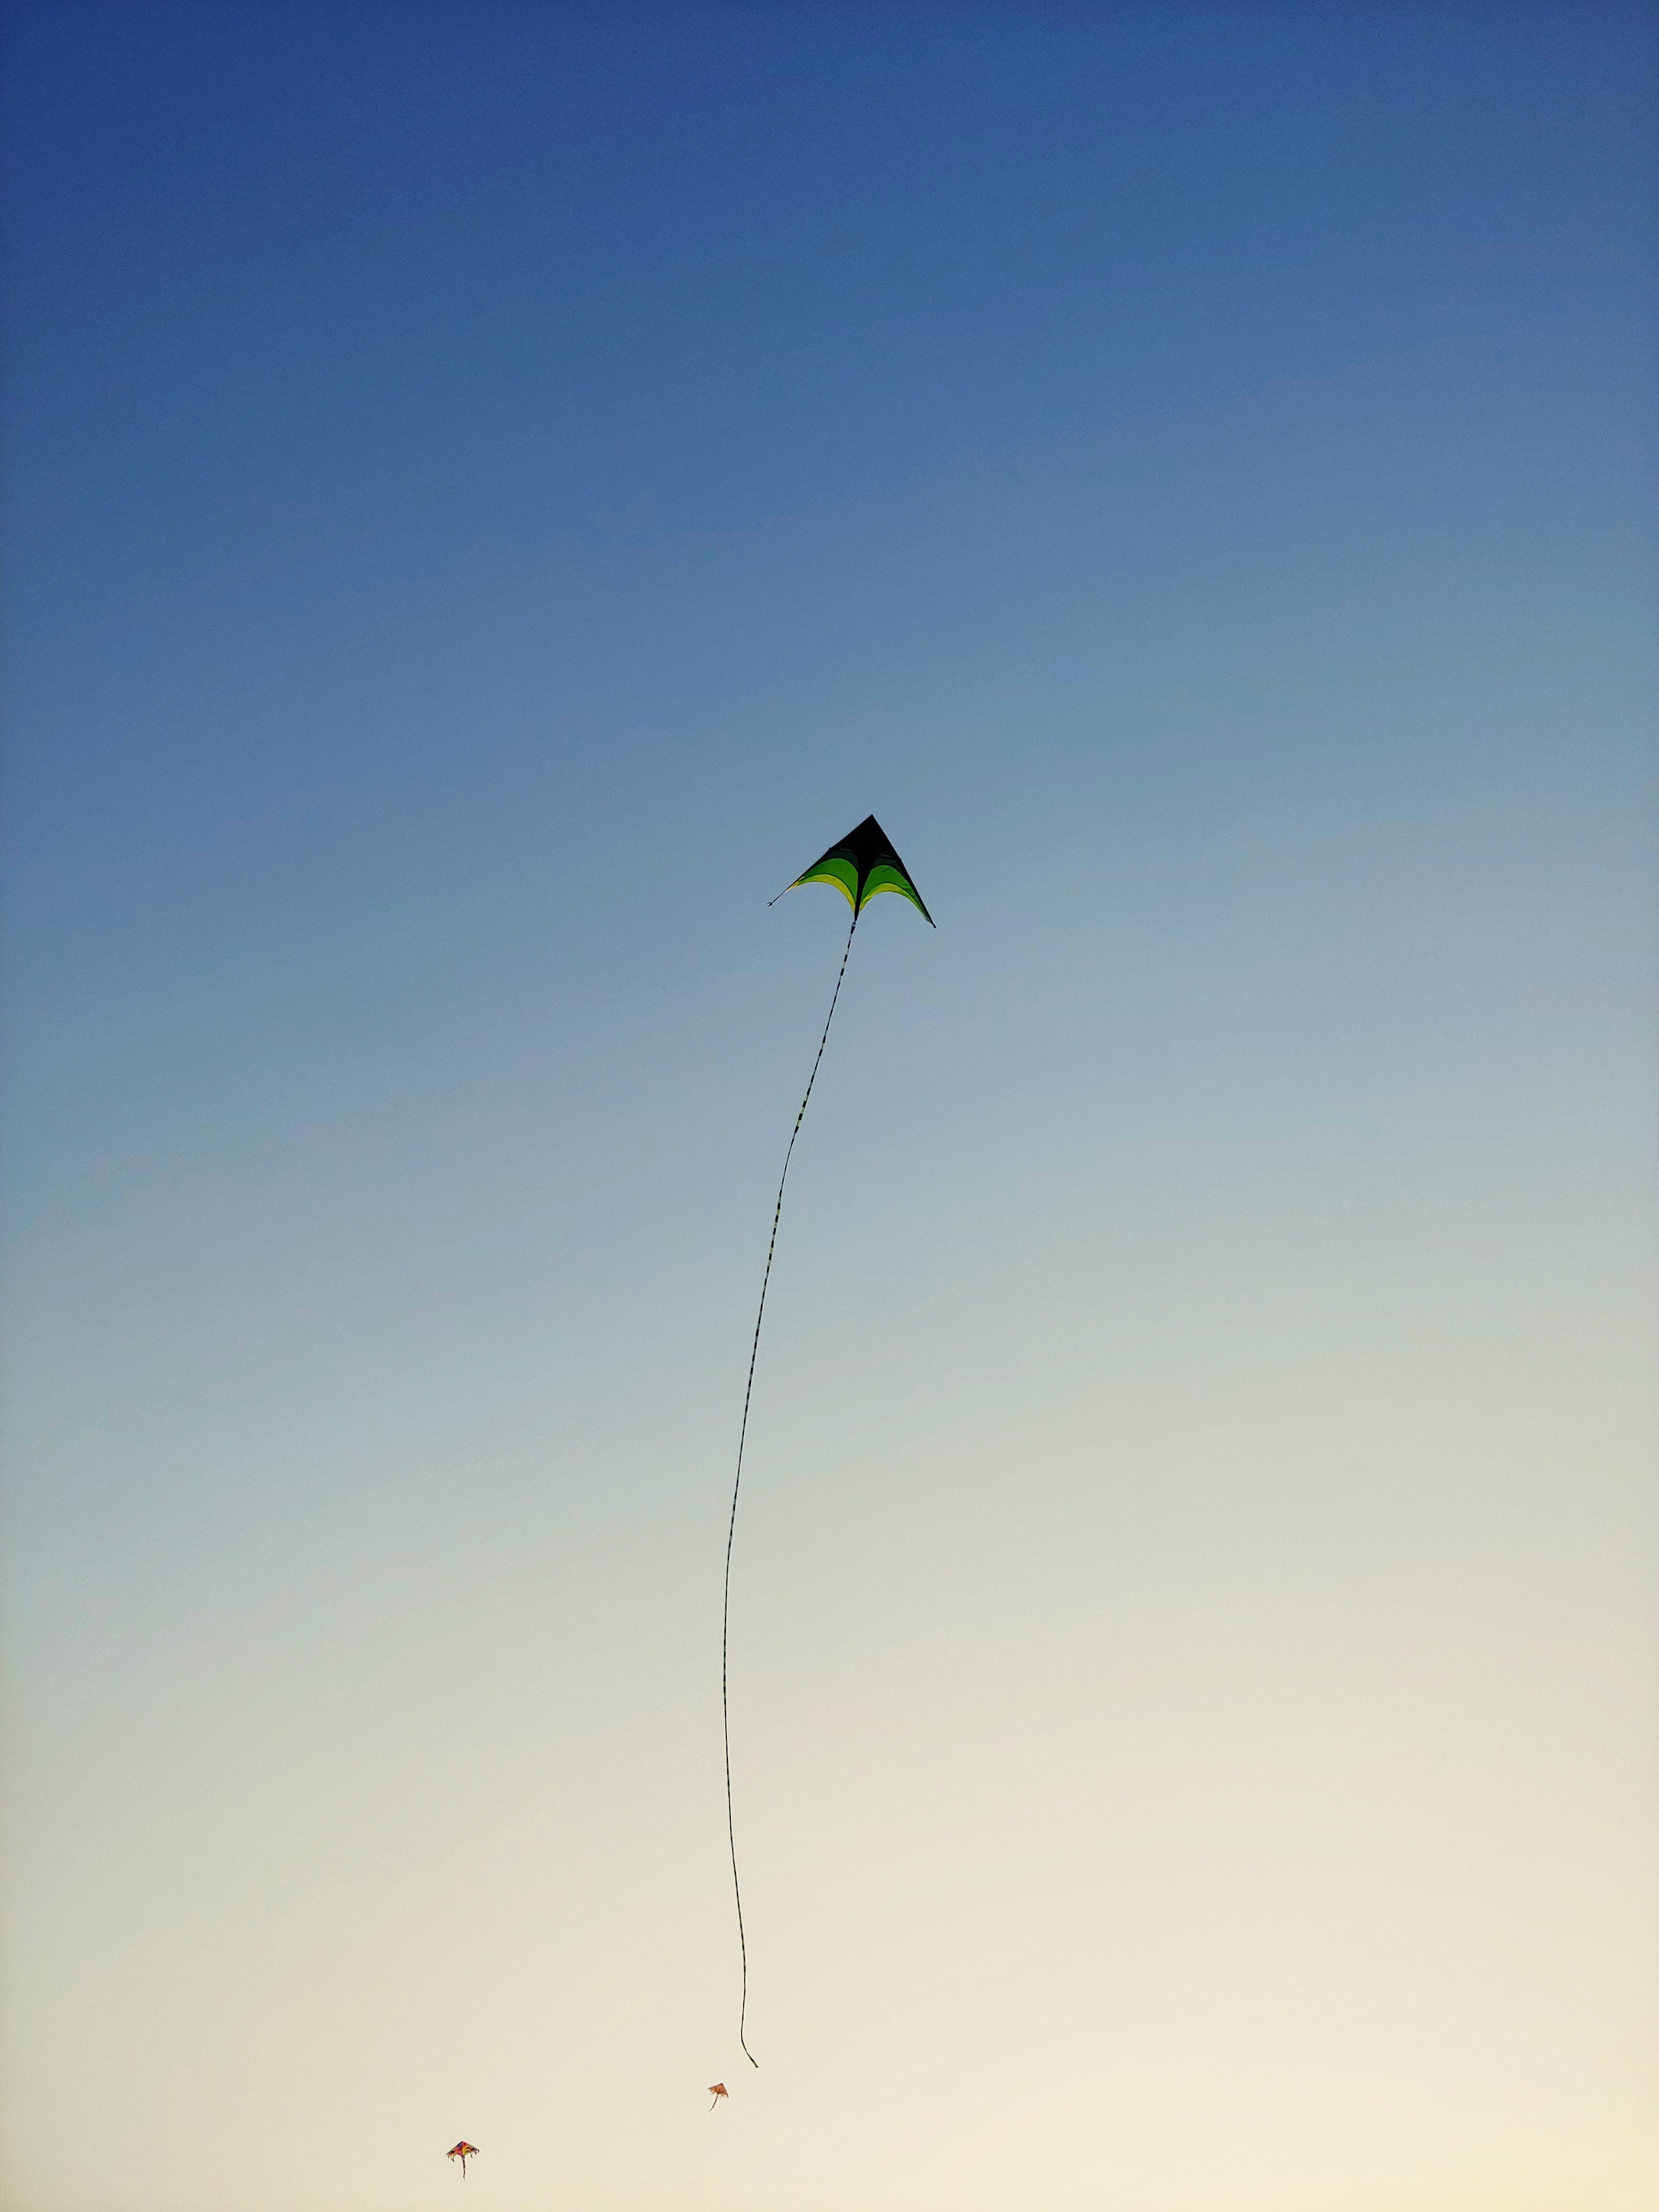 Δωρεάν στοκ φωτογραφιών με αεροπλοΐα, αναψυχή, δύση του ηλίου, ελαφρύς